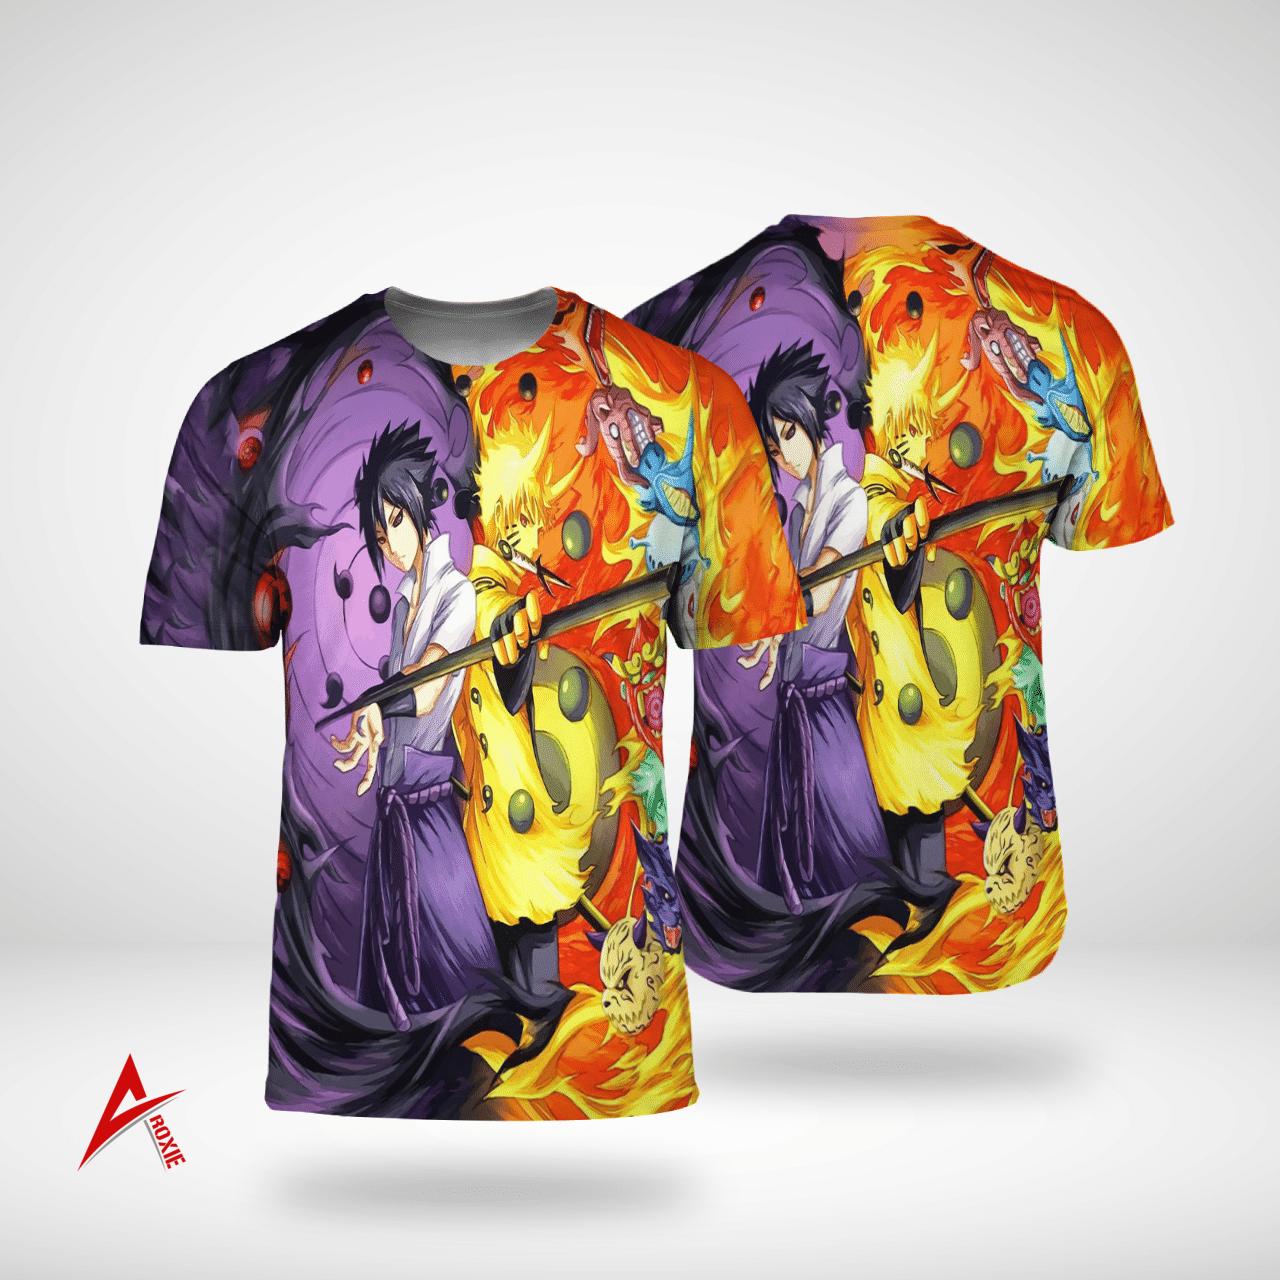 Naruto and Sasuke God mode 3D T shirt